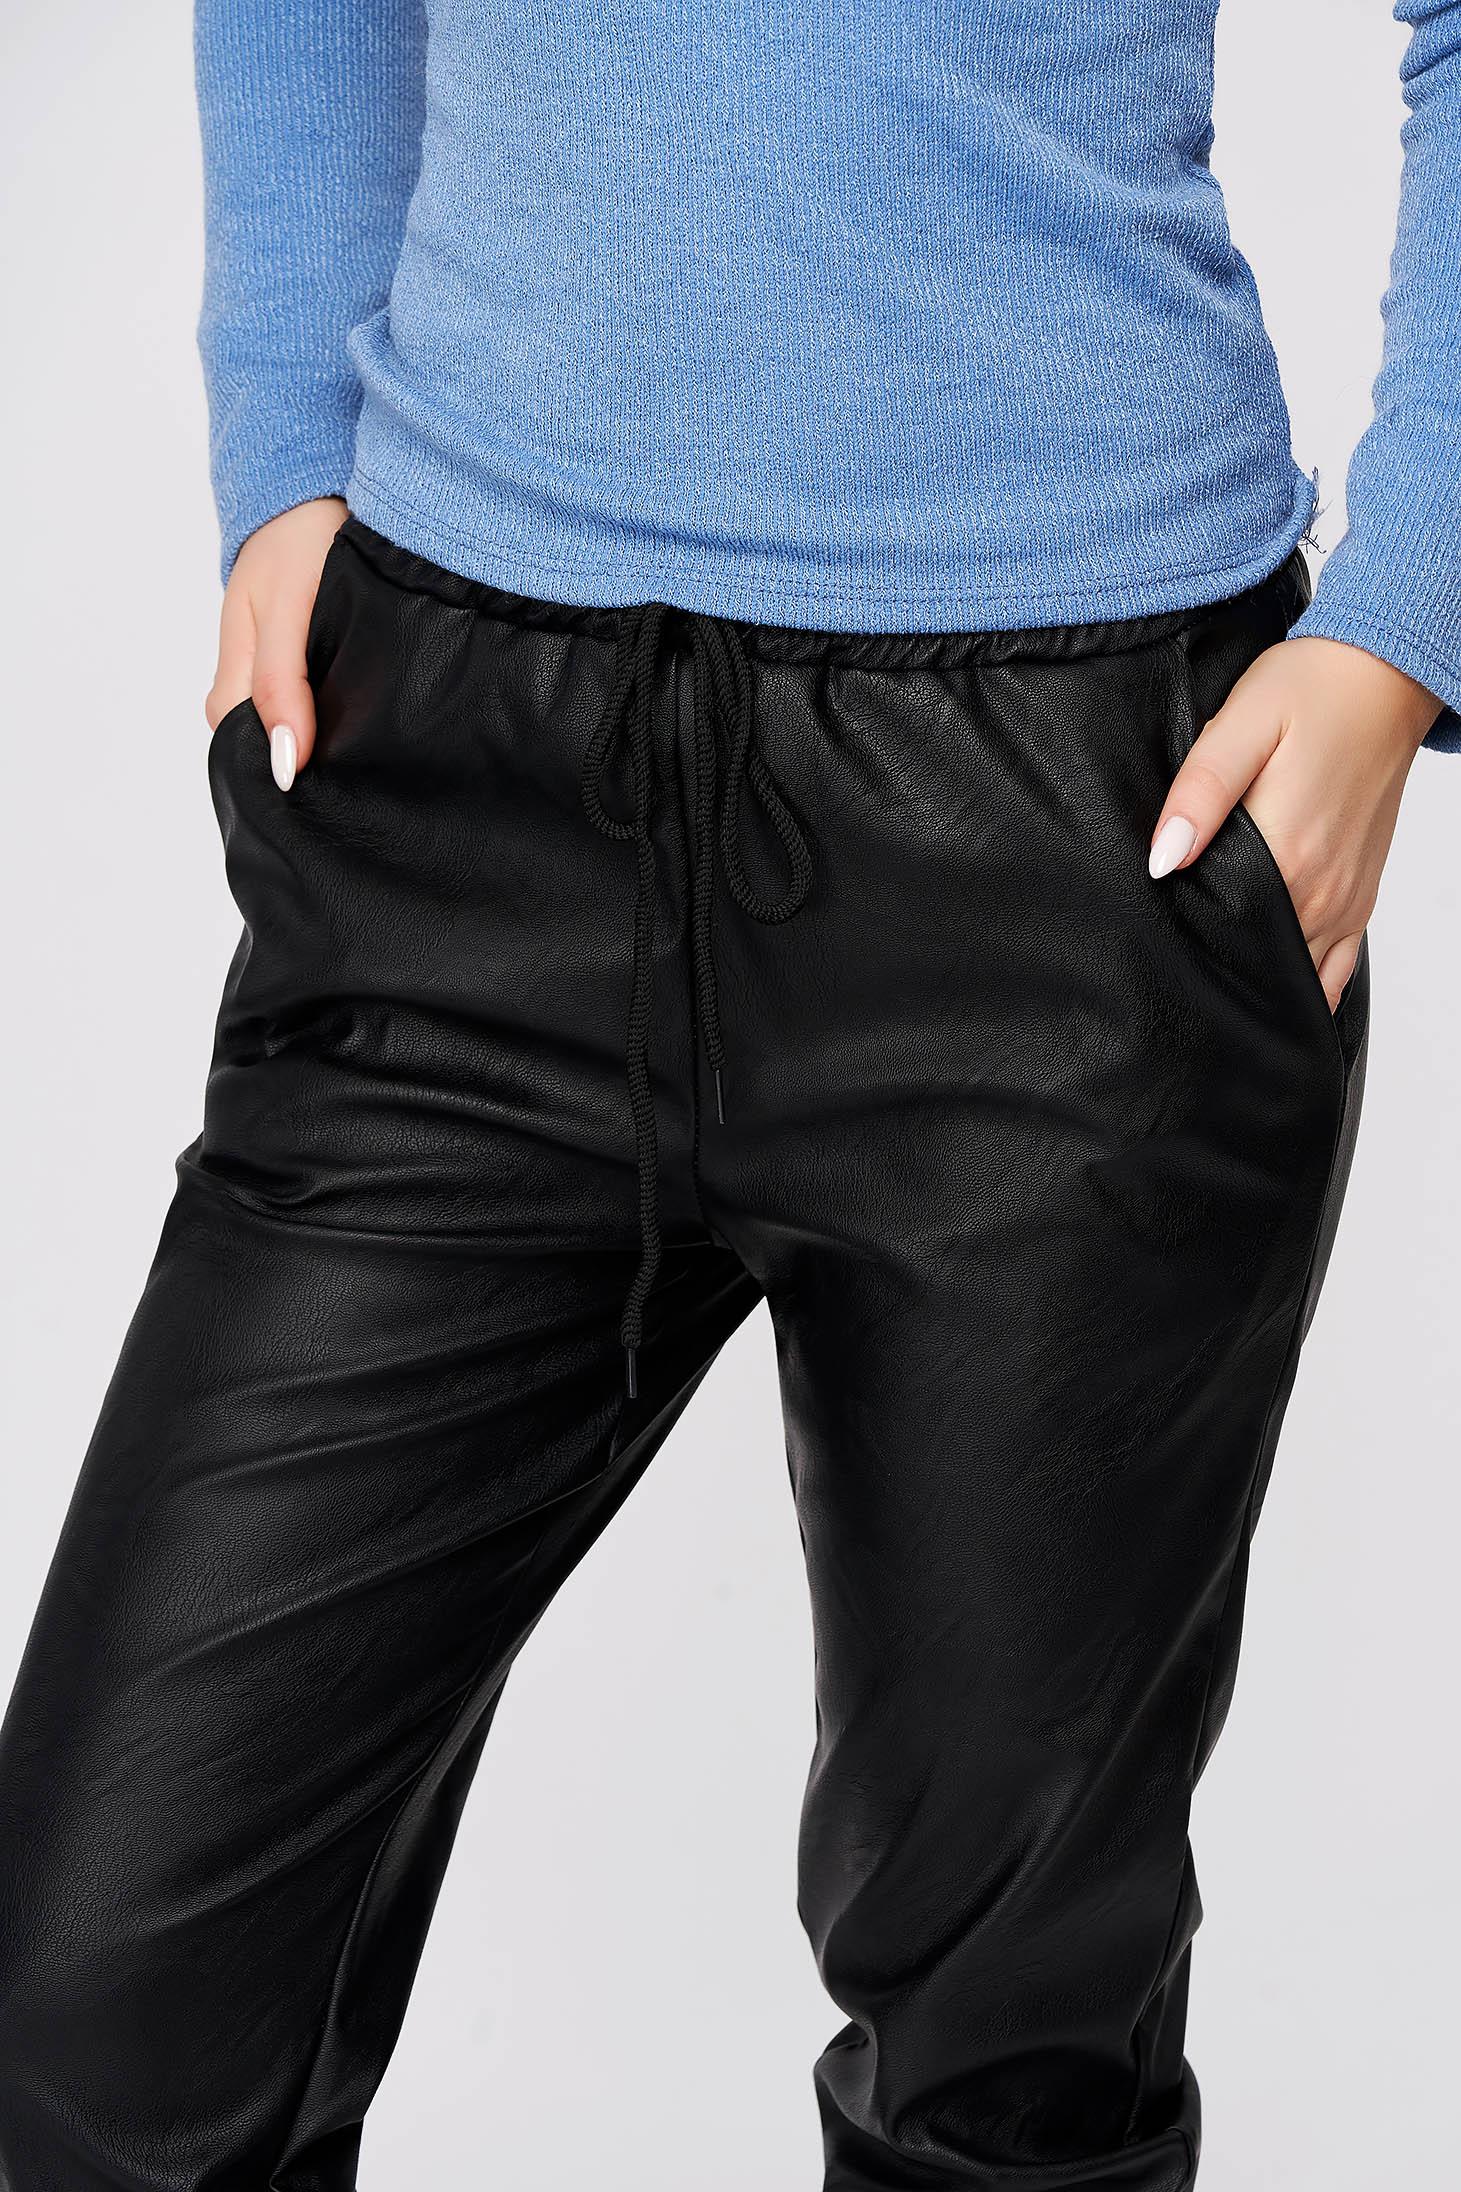 Pantaloni SunShine negri casual cu talie medie cu elastic in talie imitatie de piele